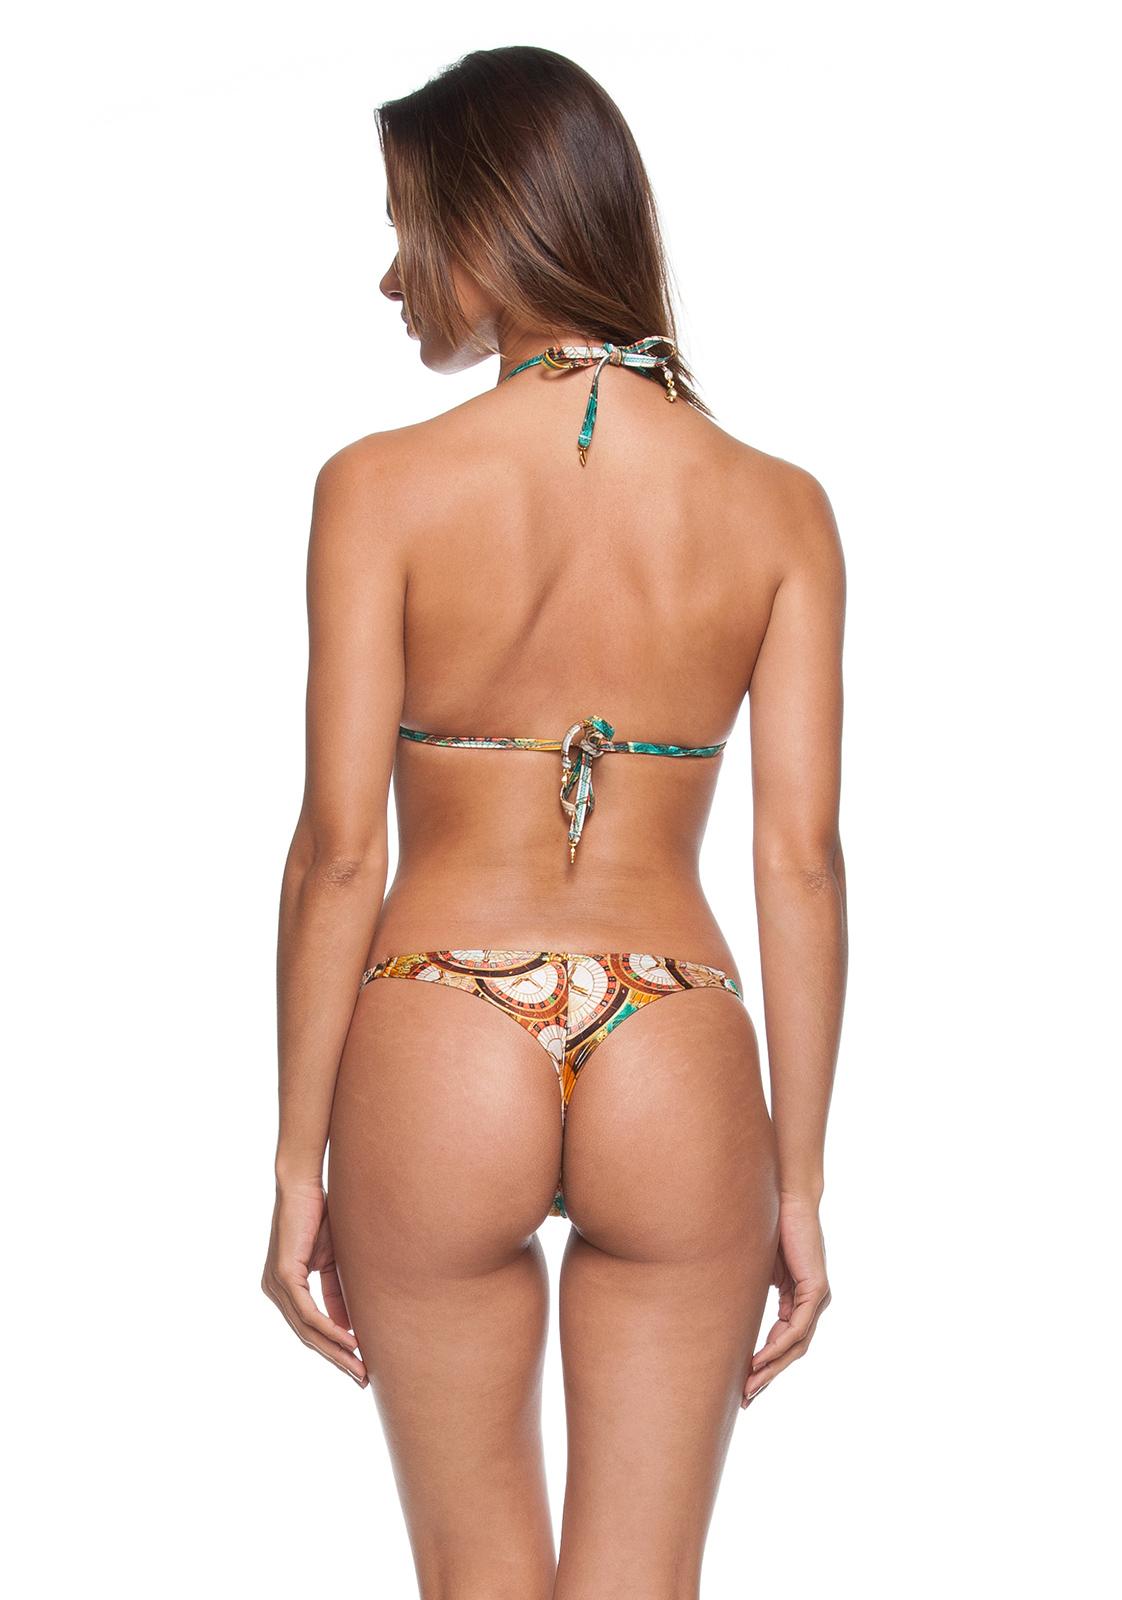 Casino thongs